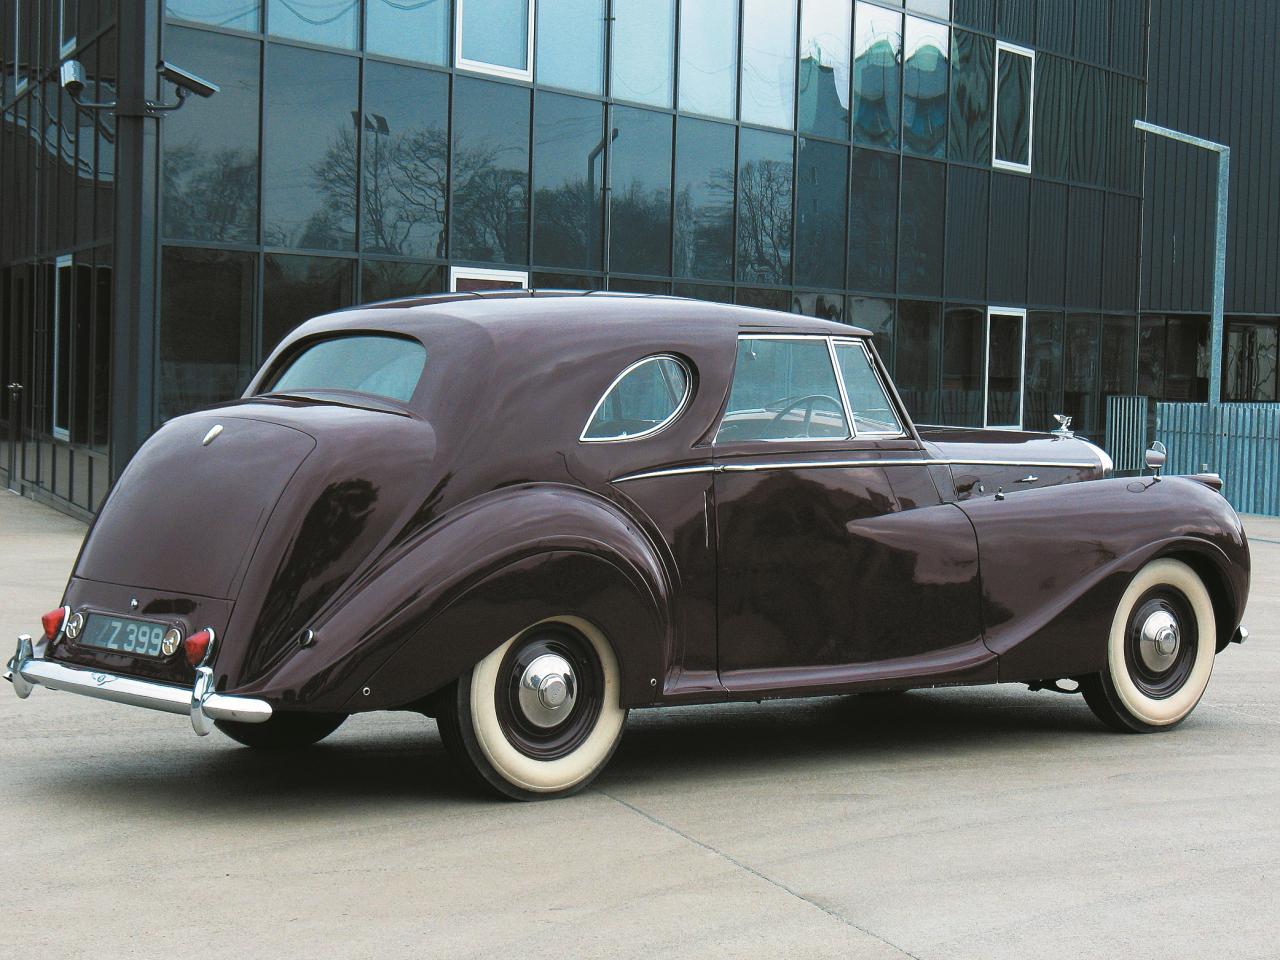 Lai arī šis automobilis ir samērā konservatīvs, tas savā dizainā ir ļoti elegants un iekārojams.